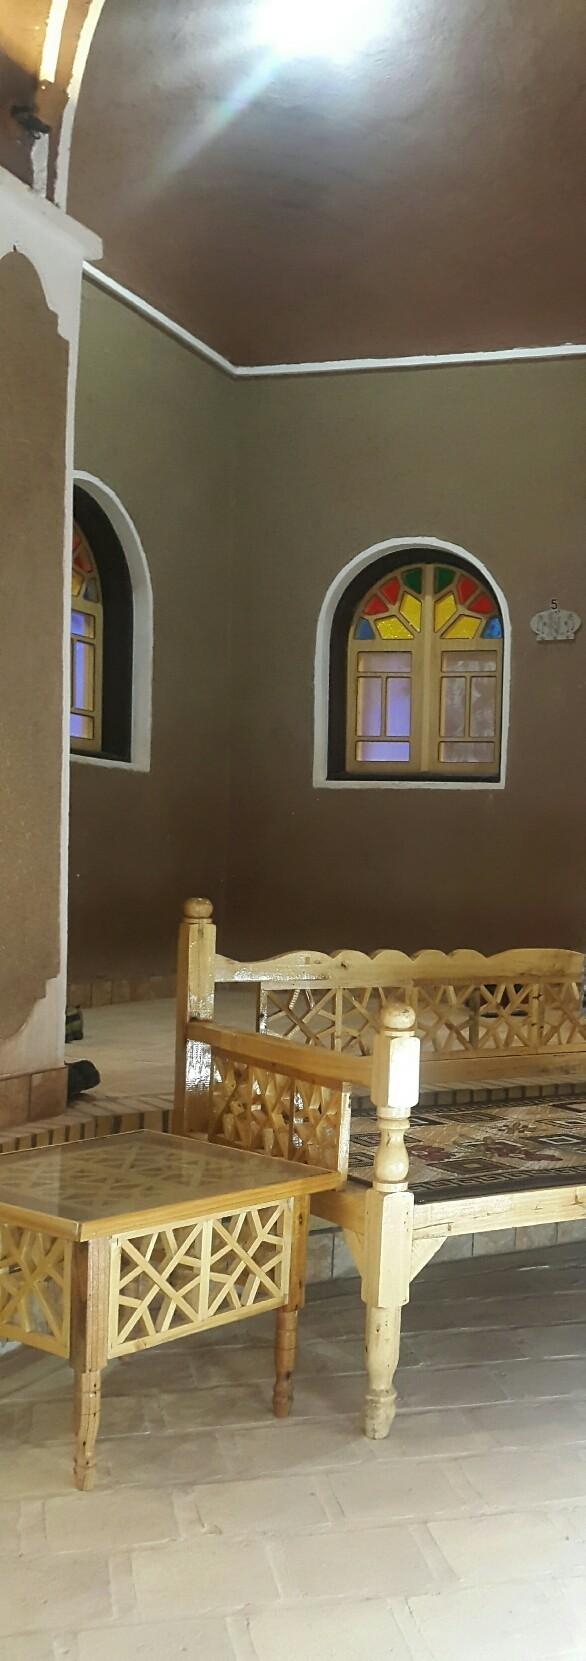 اقامتگاه بوم گردی بابا رضا